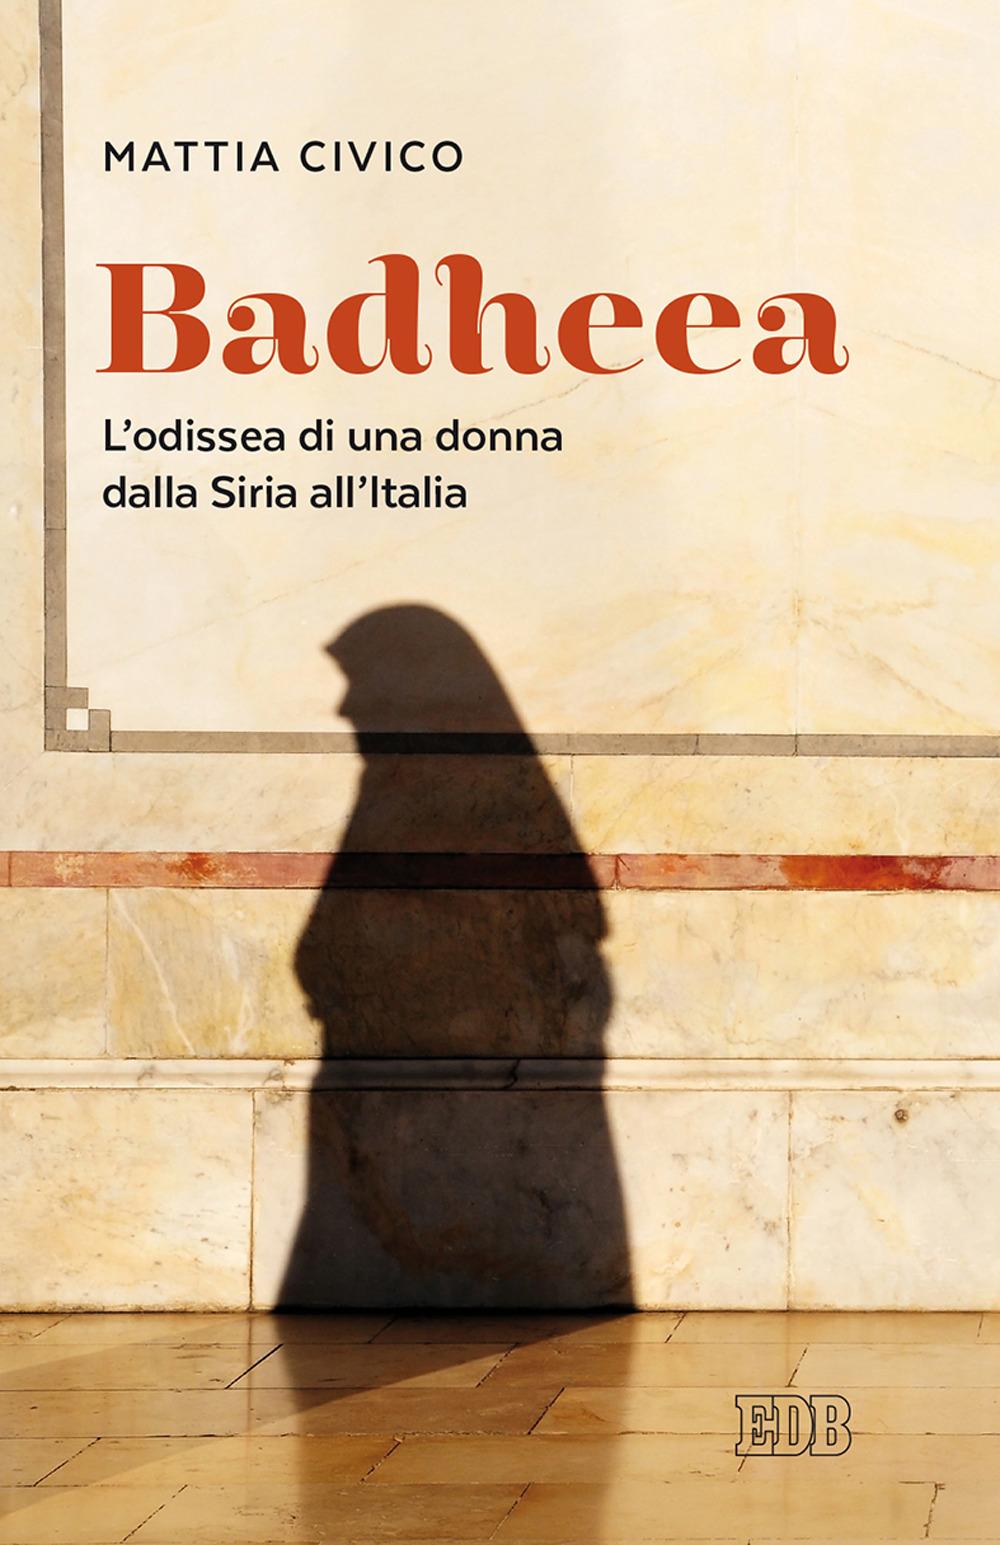 BADHEEA. L'ODISSEA DI UNA DONNA DALLA SIRIA ALL'ITALIA - 9788810559581